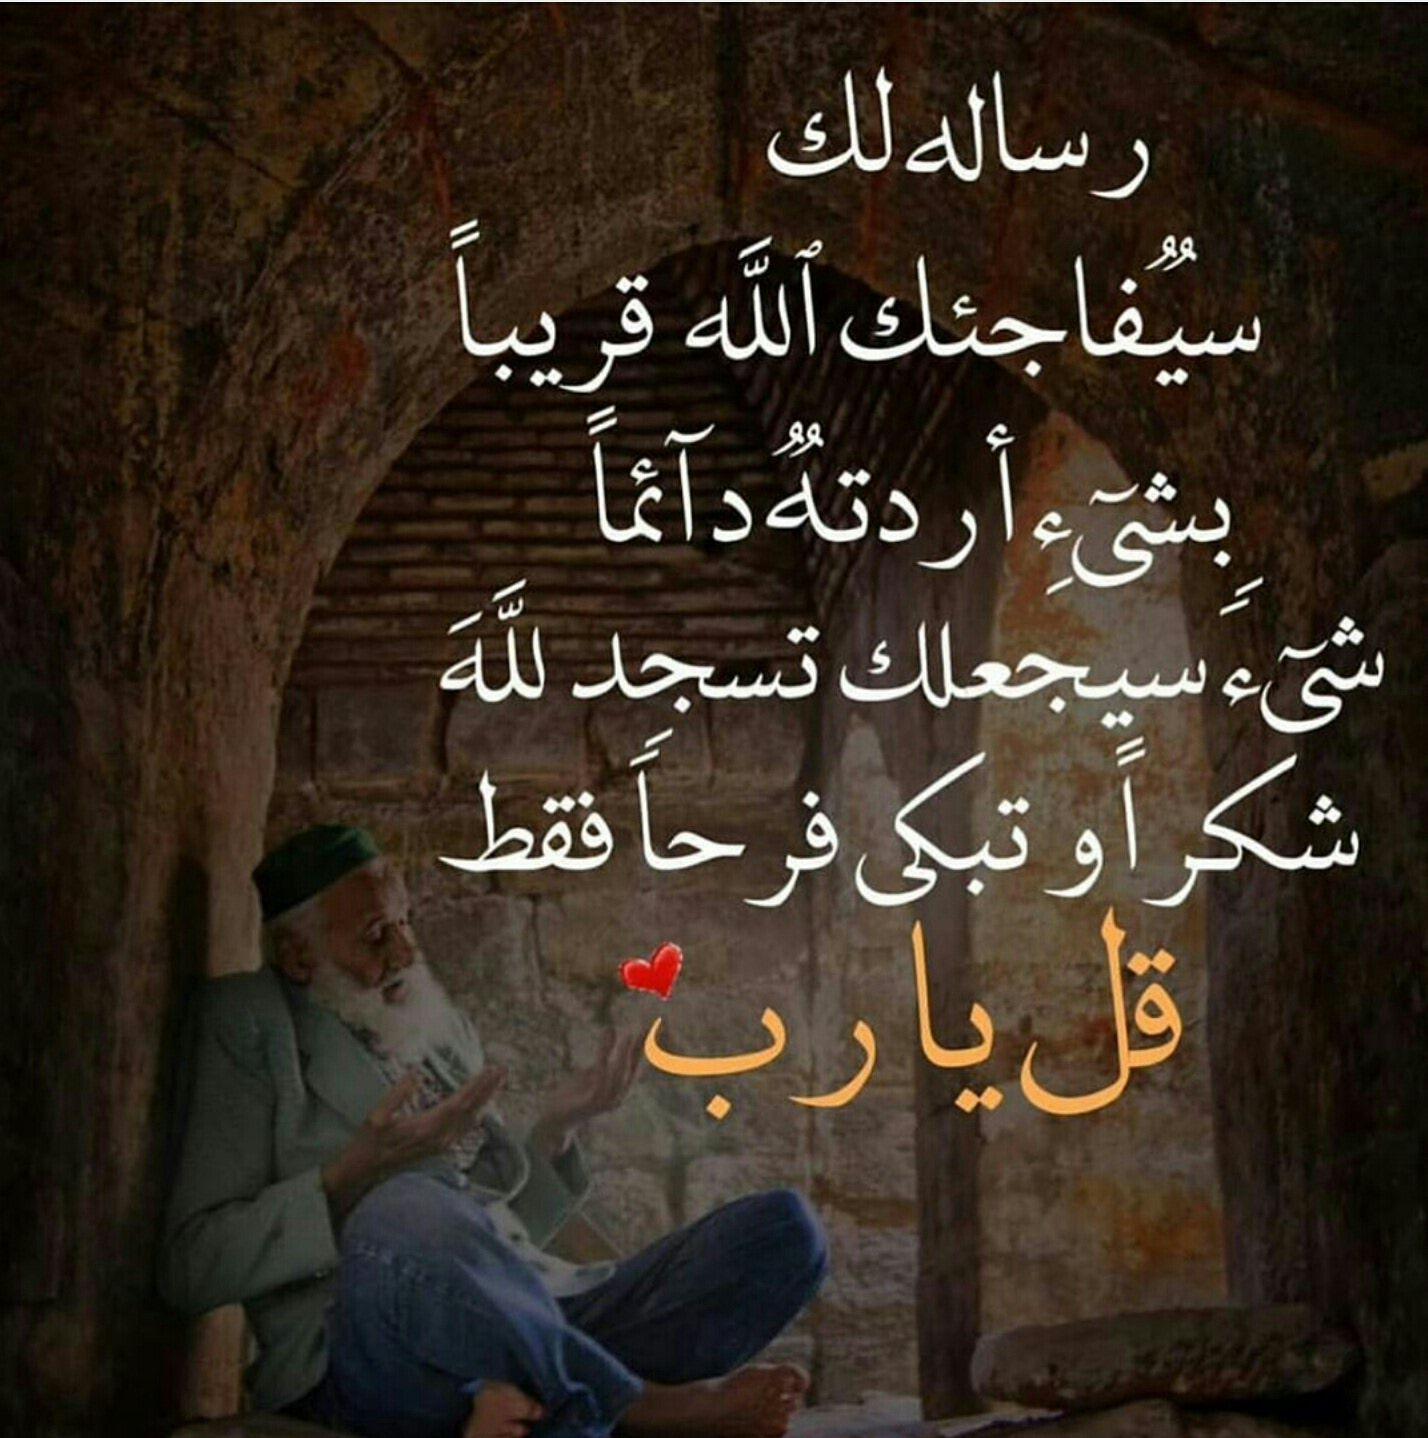 خواطر صباحية دينية Quran Quotes Inspirational Cool Words Quran Quotes